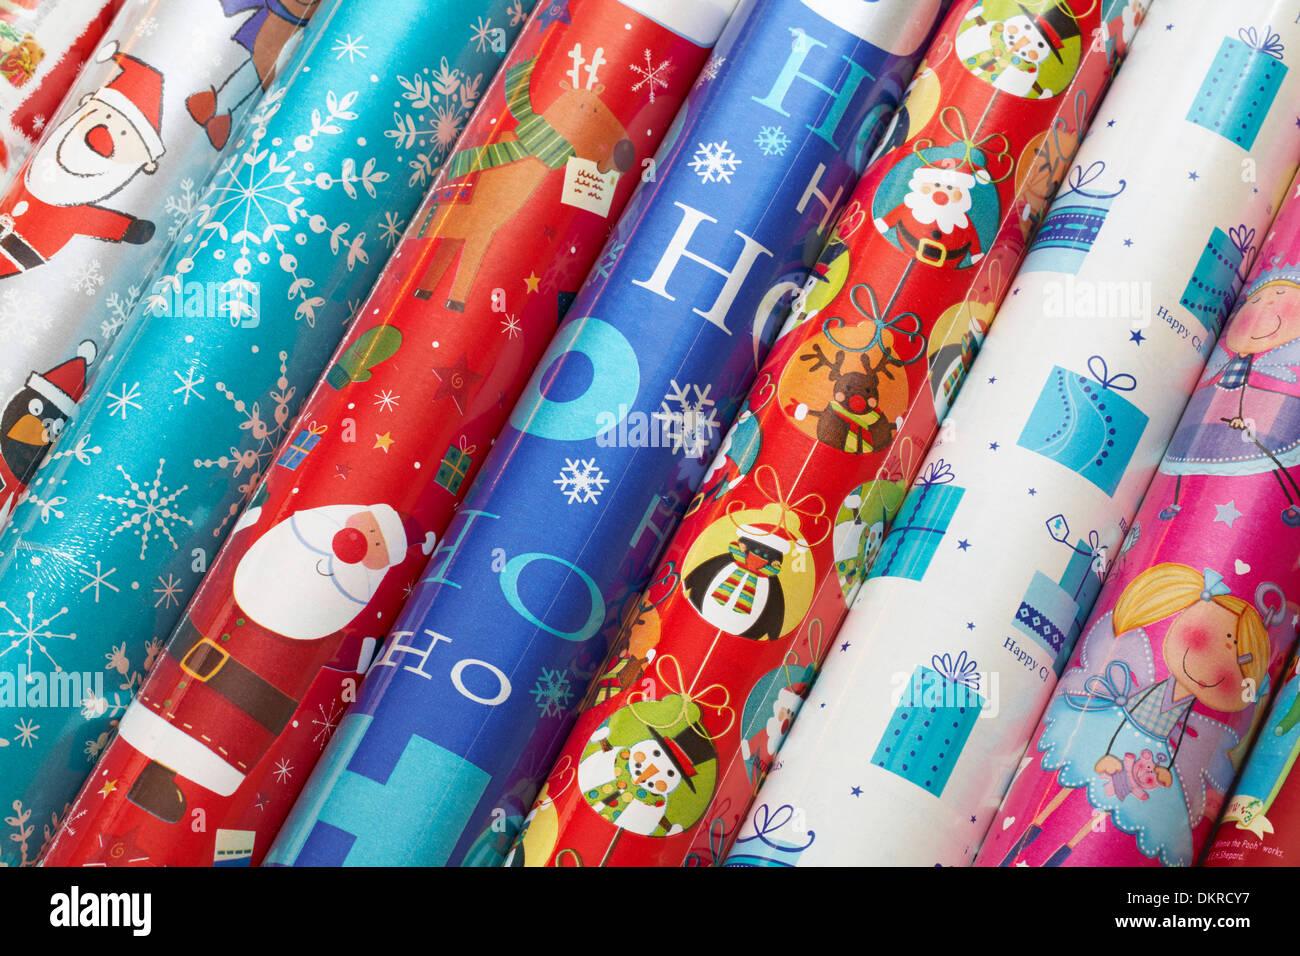 Rollos de papel de regalo de navidad listos para envolver regalos de Navidad Imagen De Stock